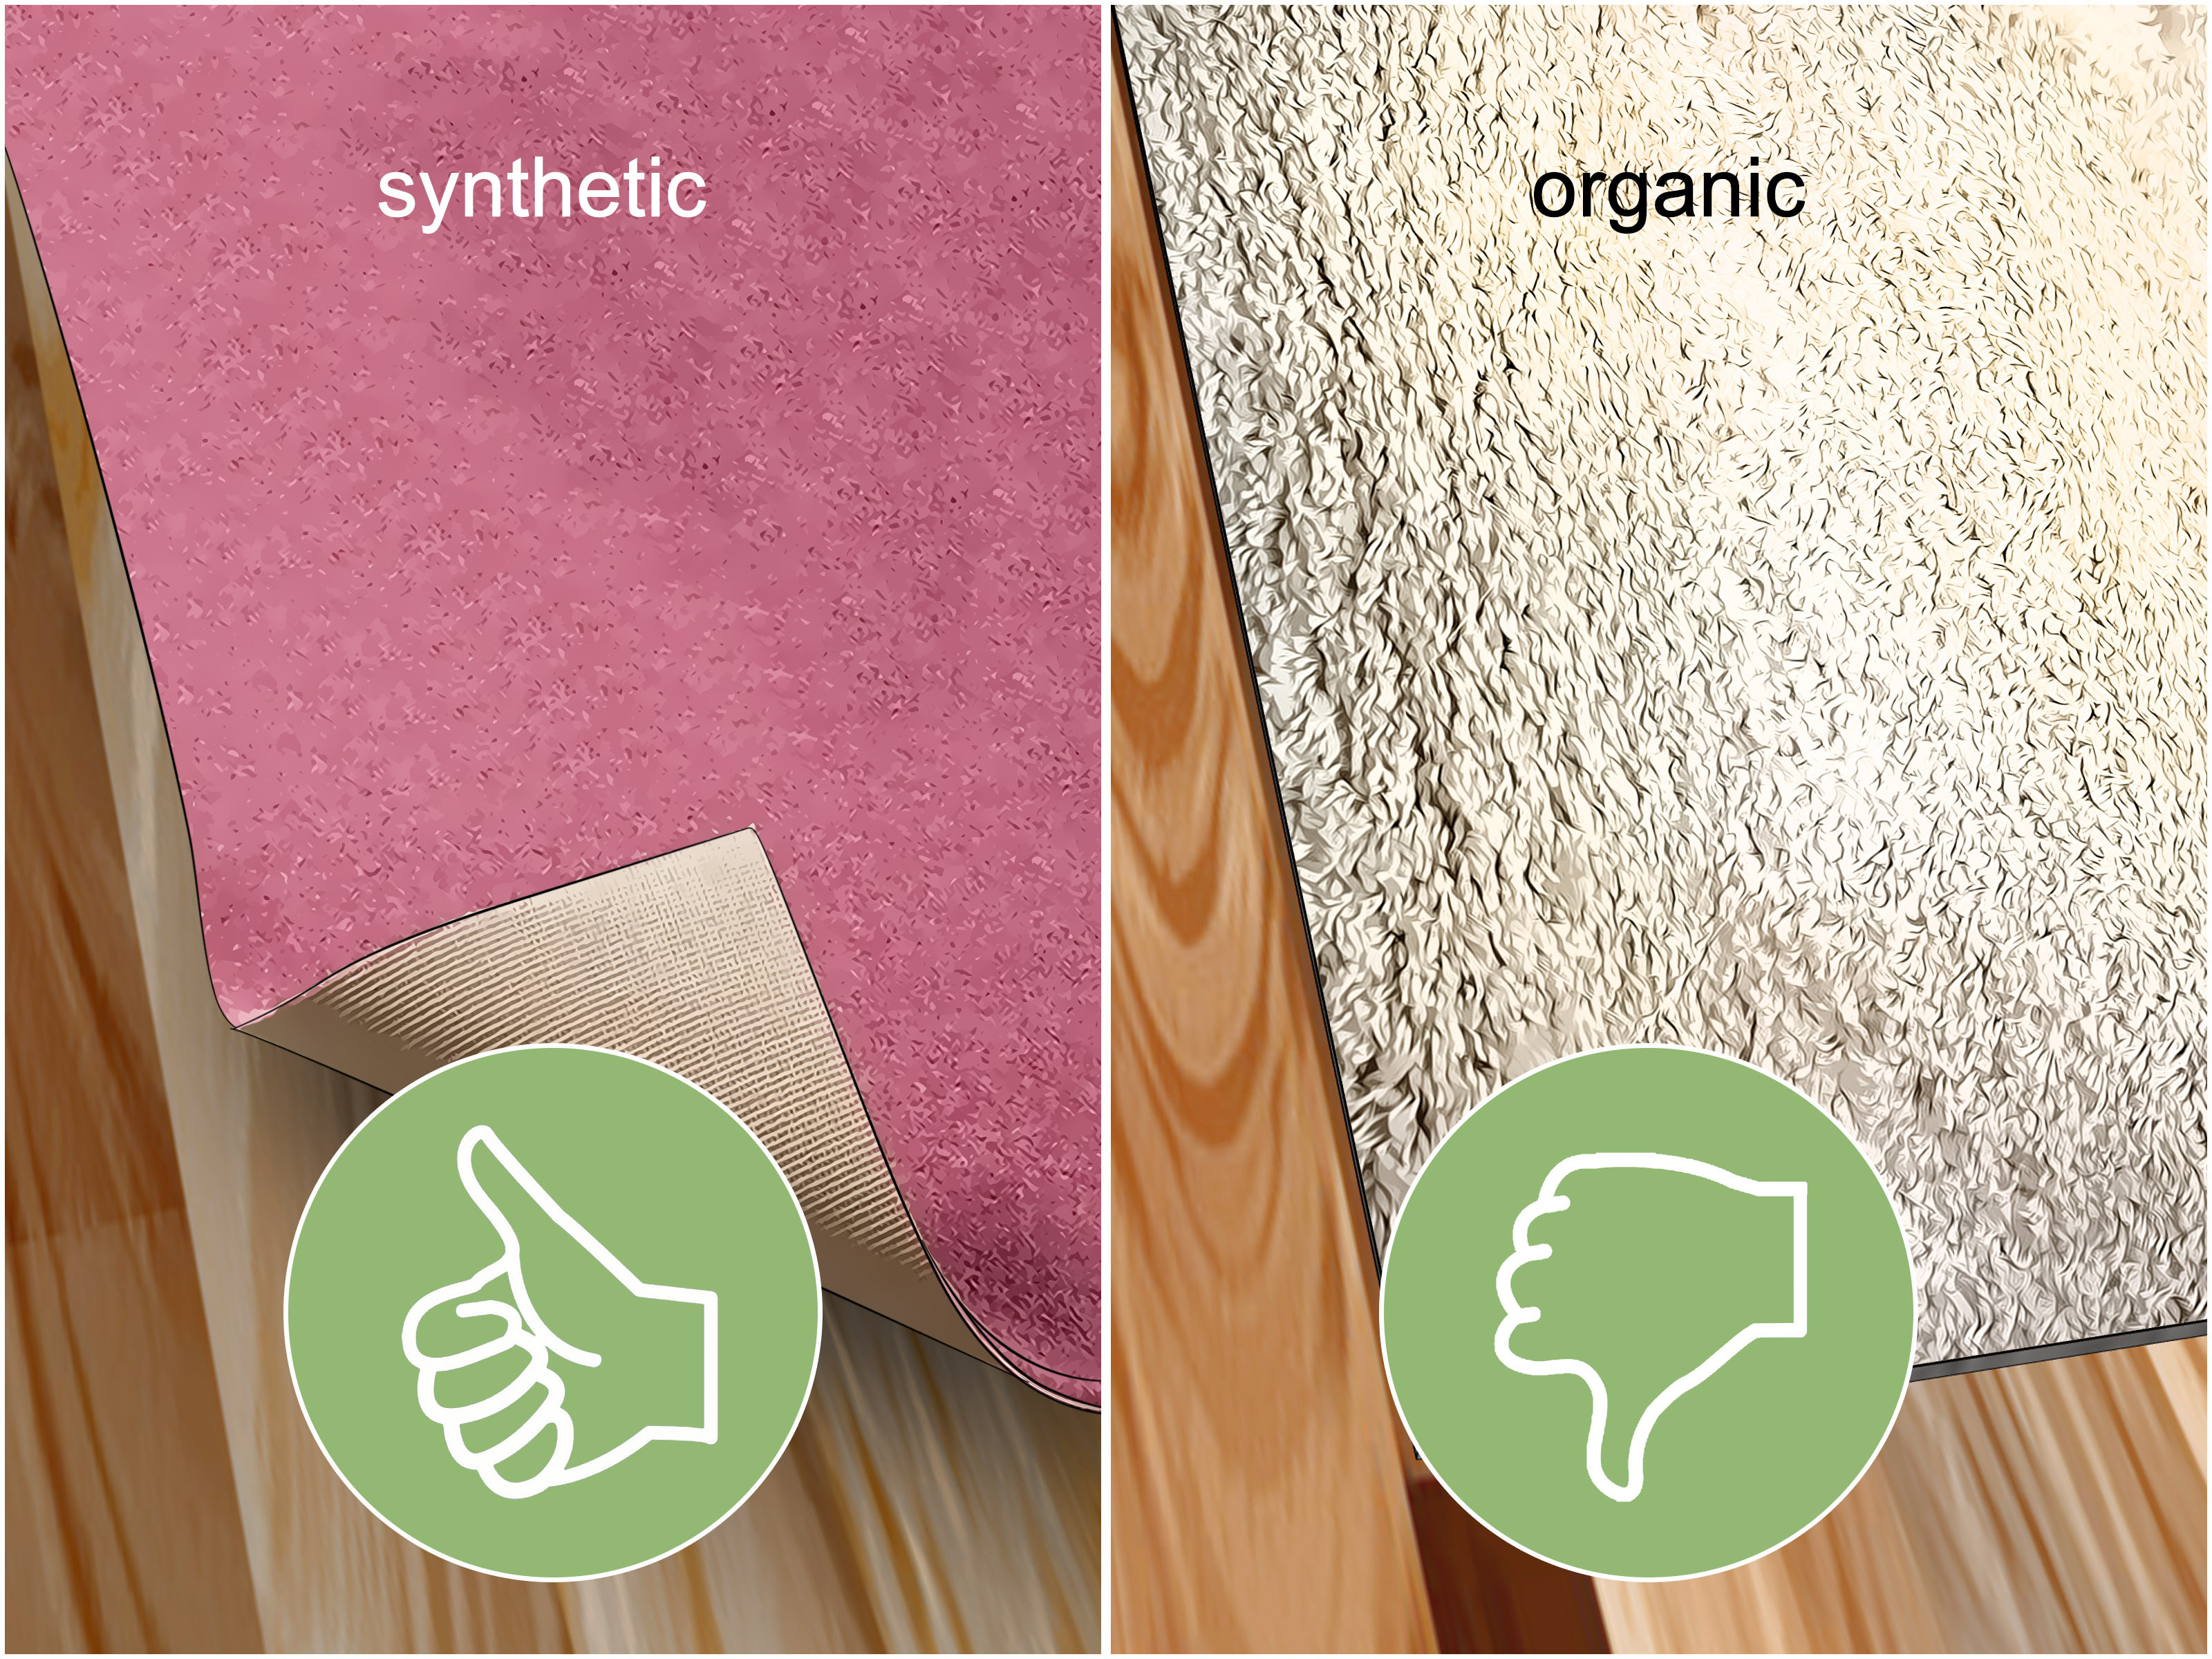 jm hardwood floors of 3 ways to get rid of carpet beetles wikihow inside get rid of carpet beetles step 11 version 3